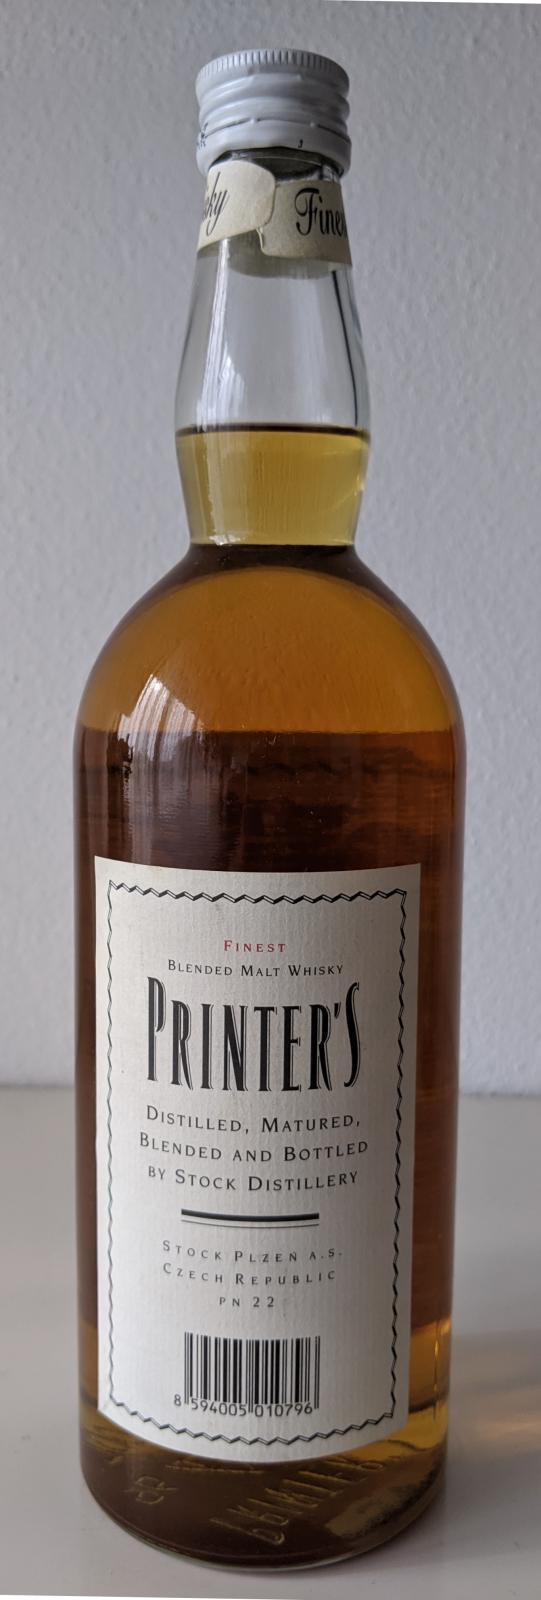 Printer's Finest Blended Malt Whisky